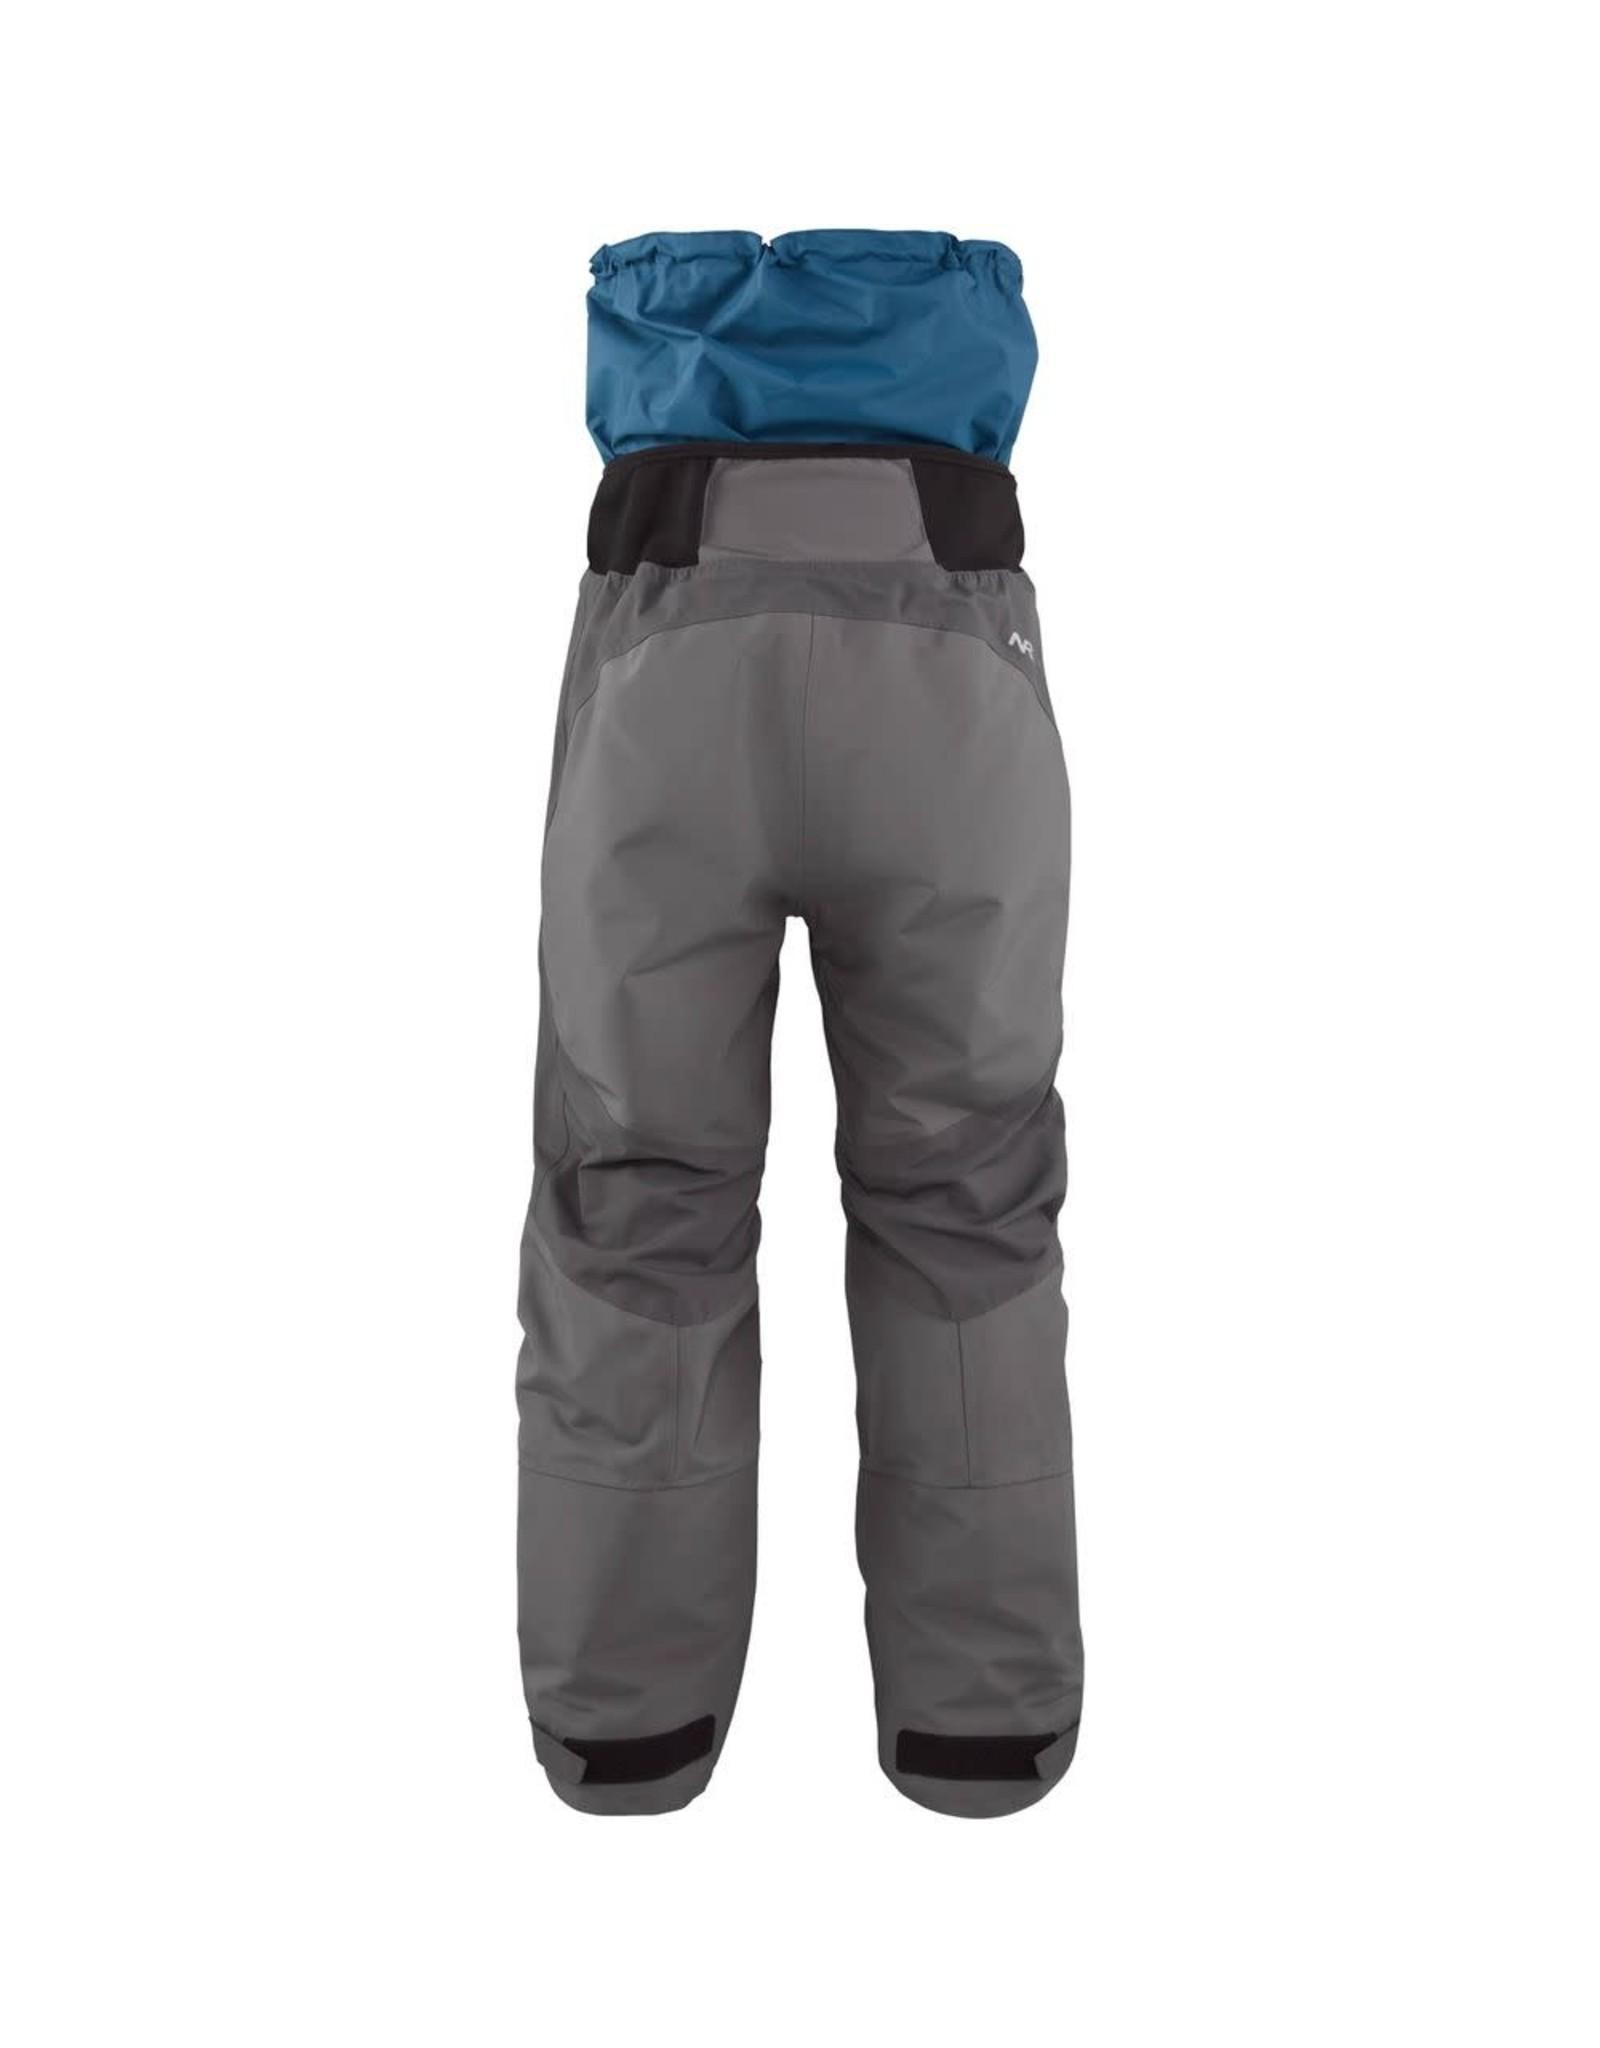 NRS 2021 NRS Freefall Dry Pant